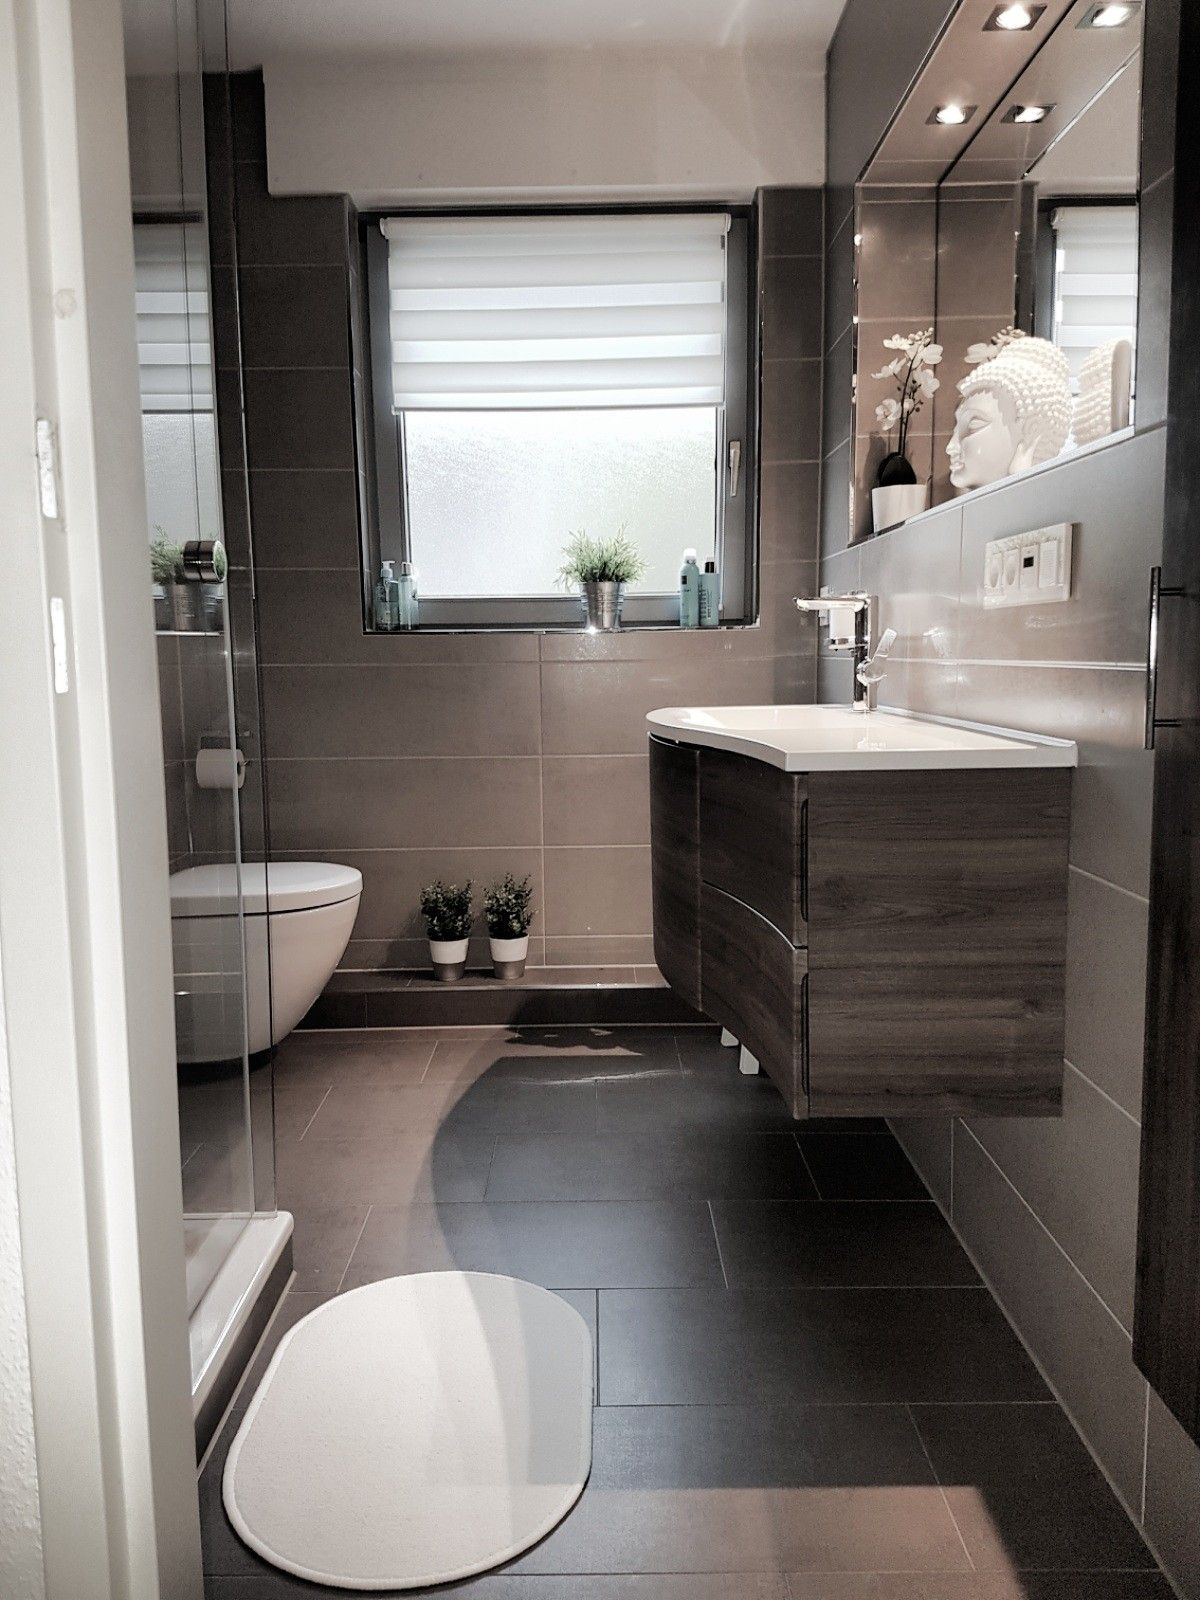 Kleines Bad Reihenhaus Modern Nach Der Renovierung Reihenhaus Badezimmer Wohnung